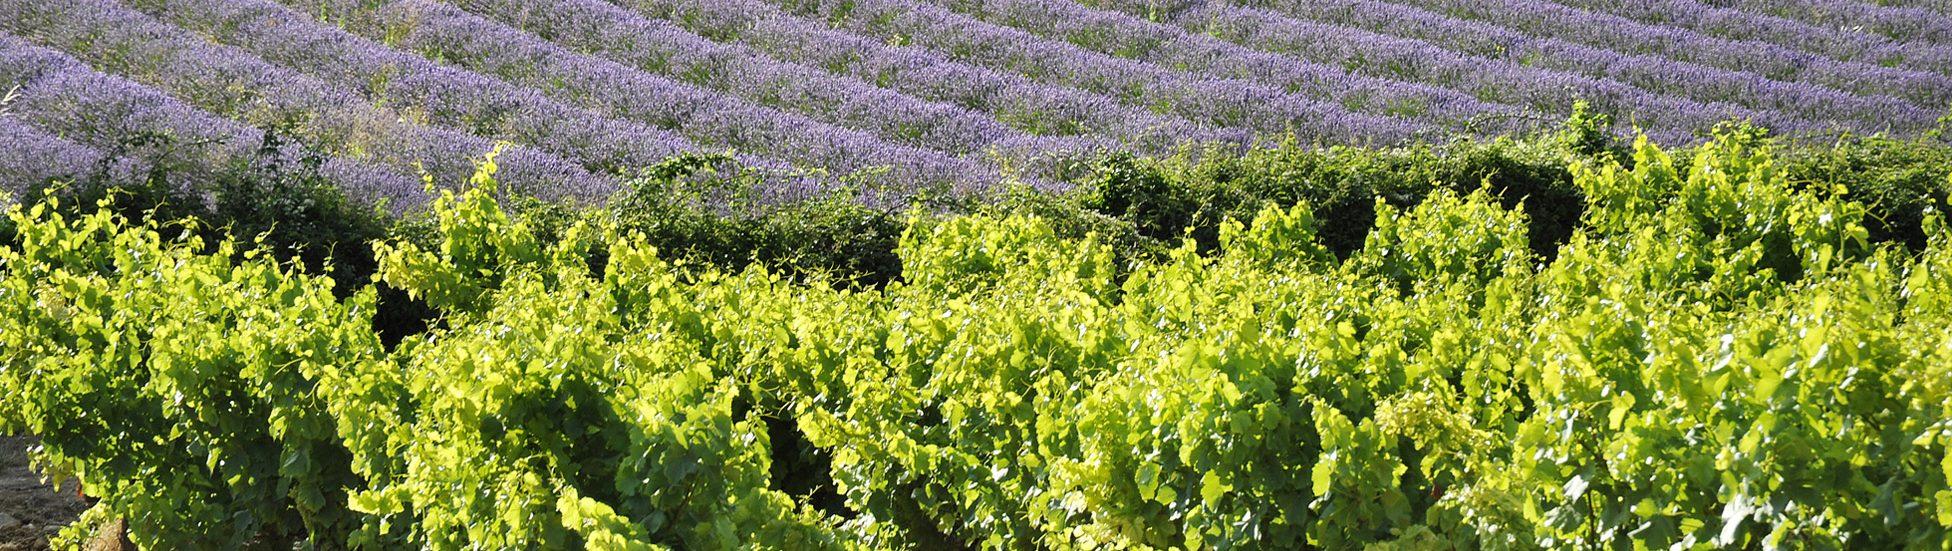 Vignes et lavandes